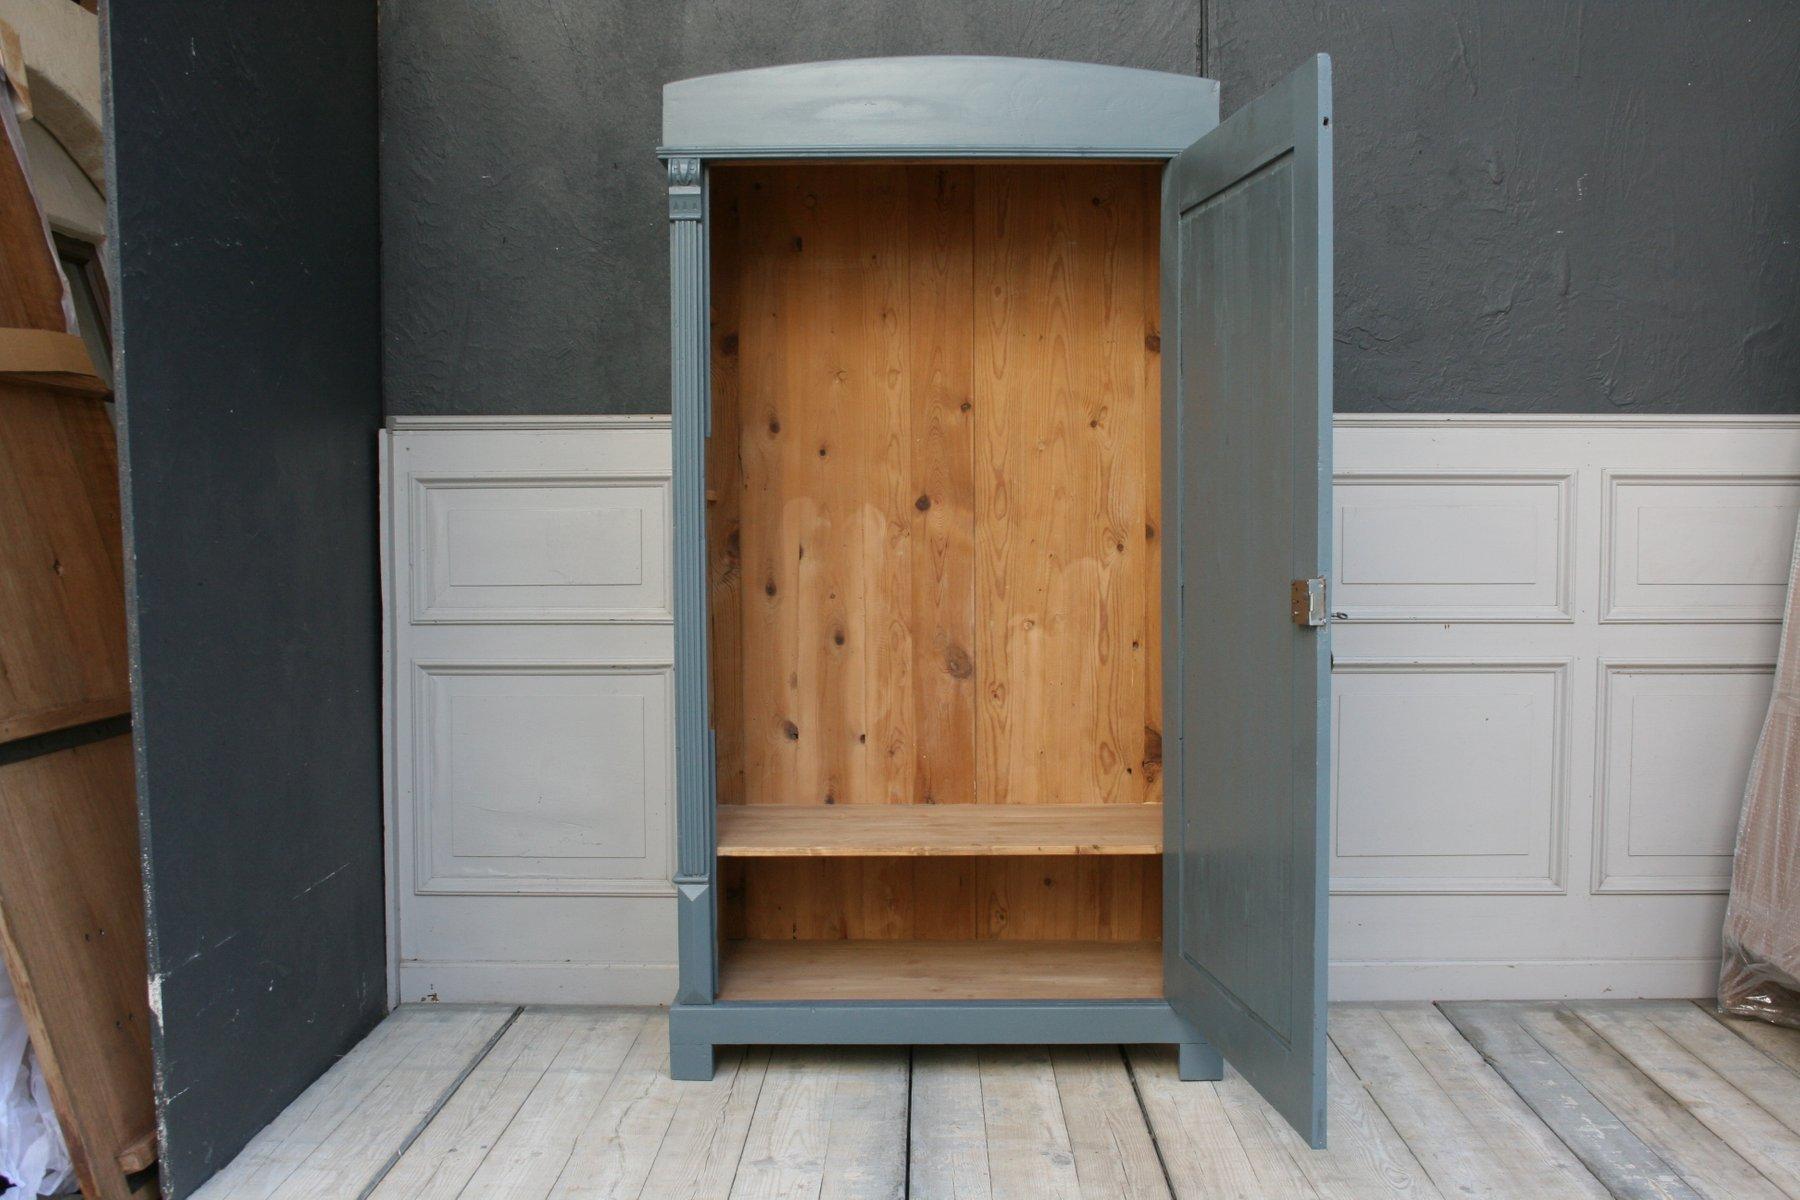 Meuble antique en bois tendre peint gris en vente sur pamono - Meuble peint en gris ...